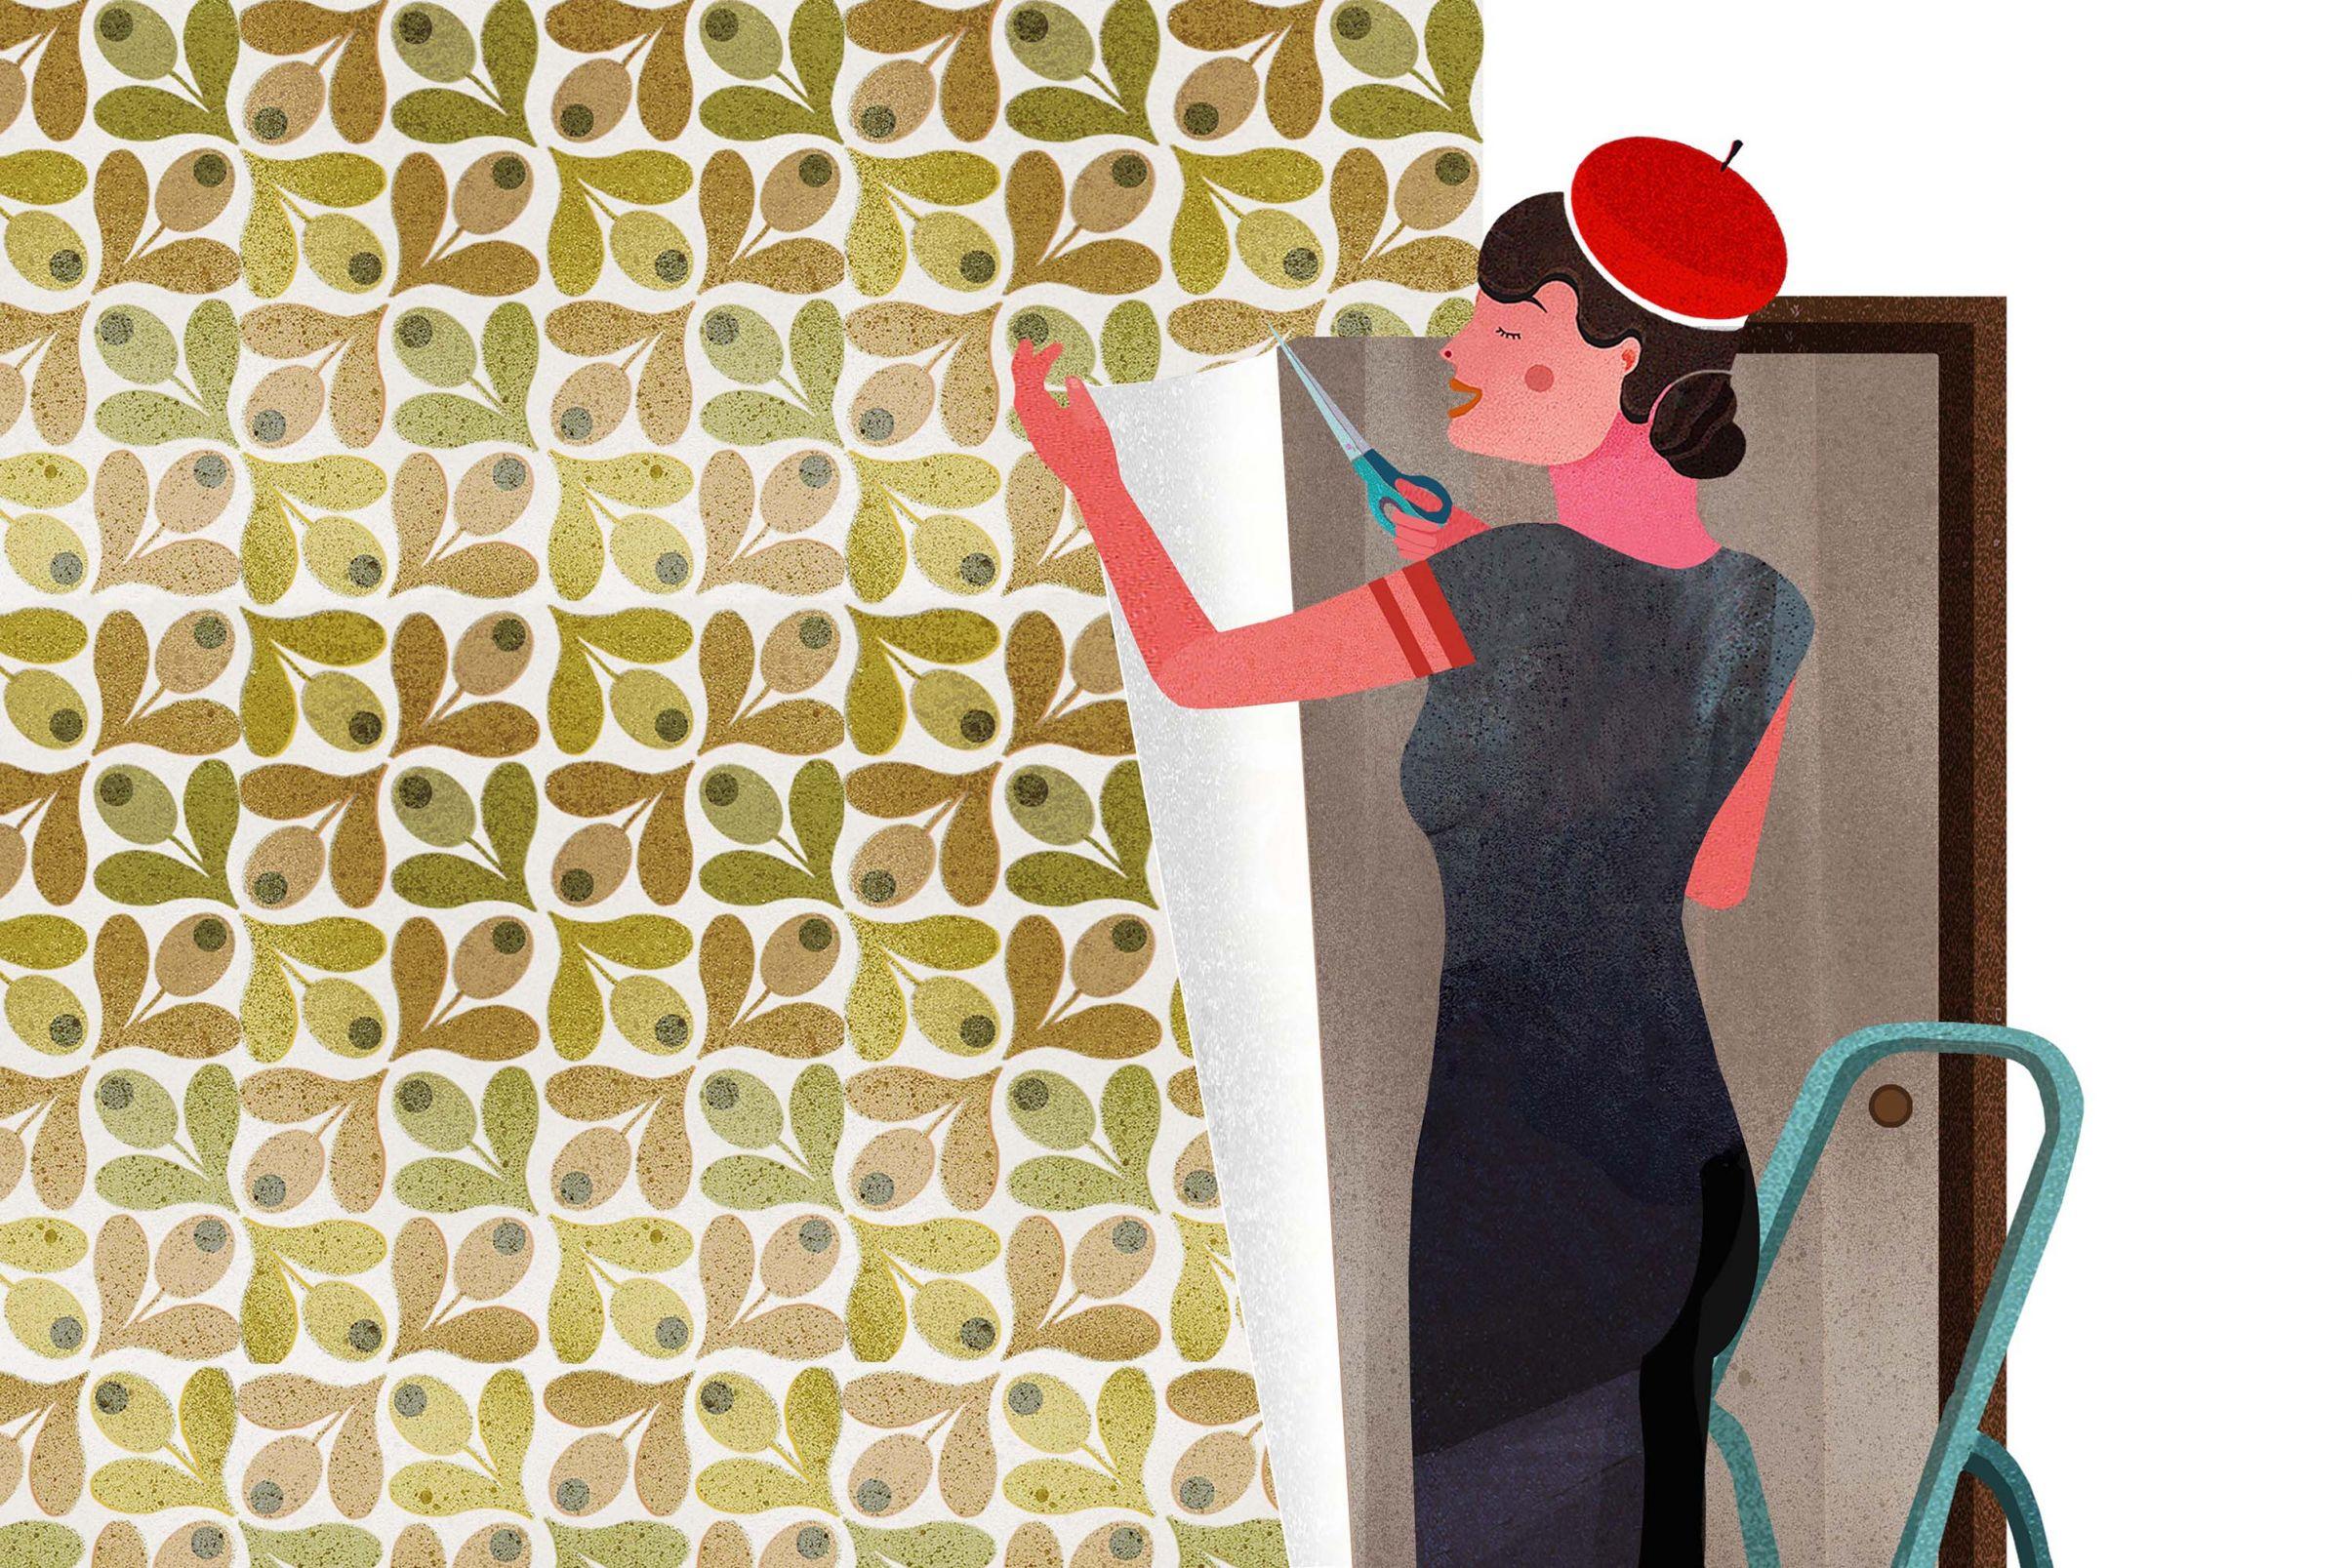 Wie-tapeziere-ich-um-Fenster-und-Tueren-Tuere-mit-Ueberstand-tapezieren-und-Tapete-einschneiden